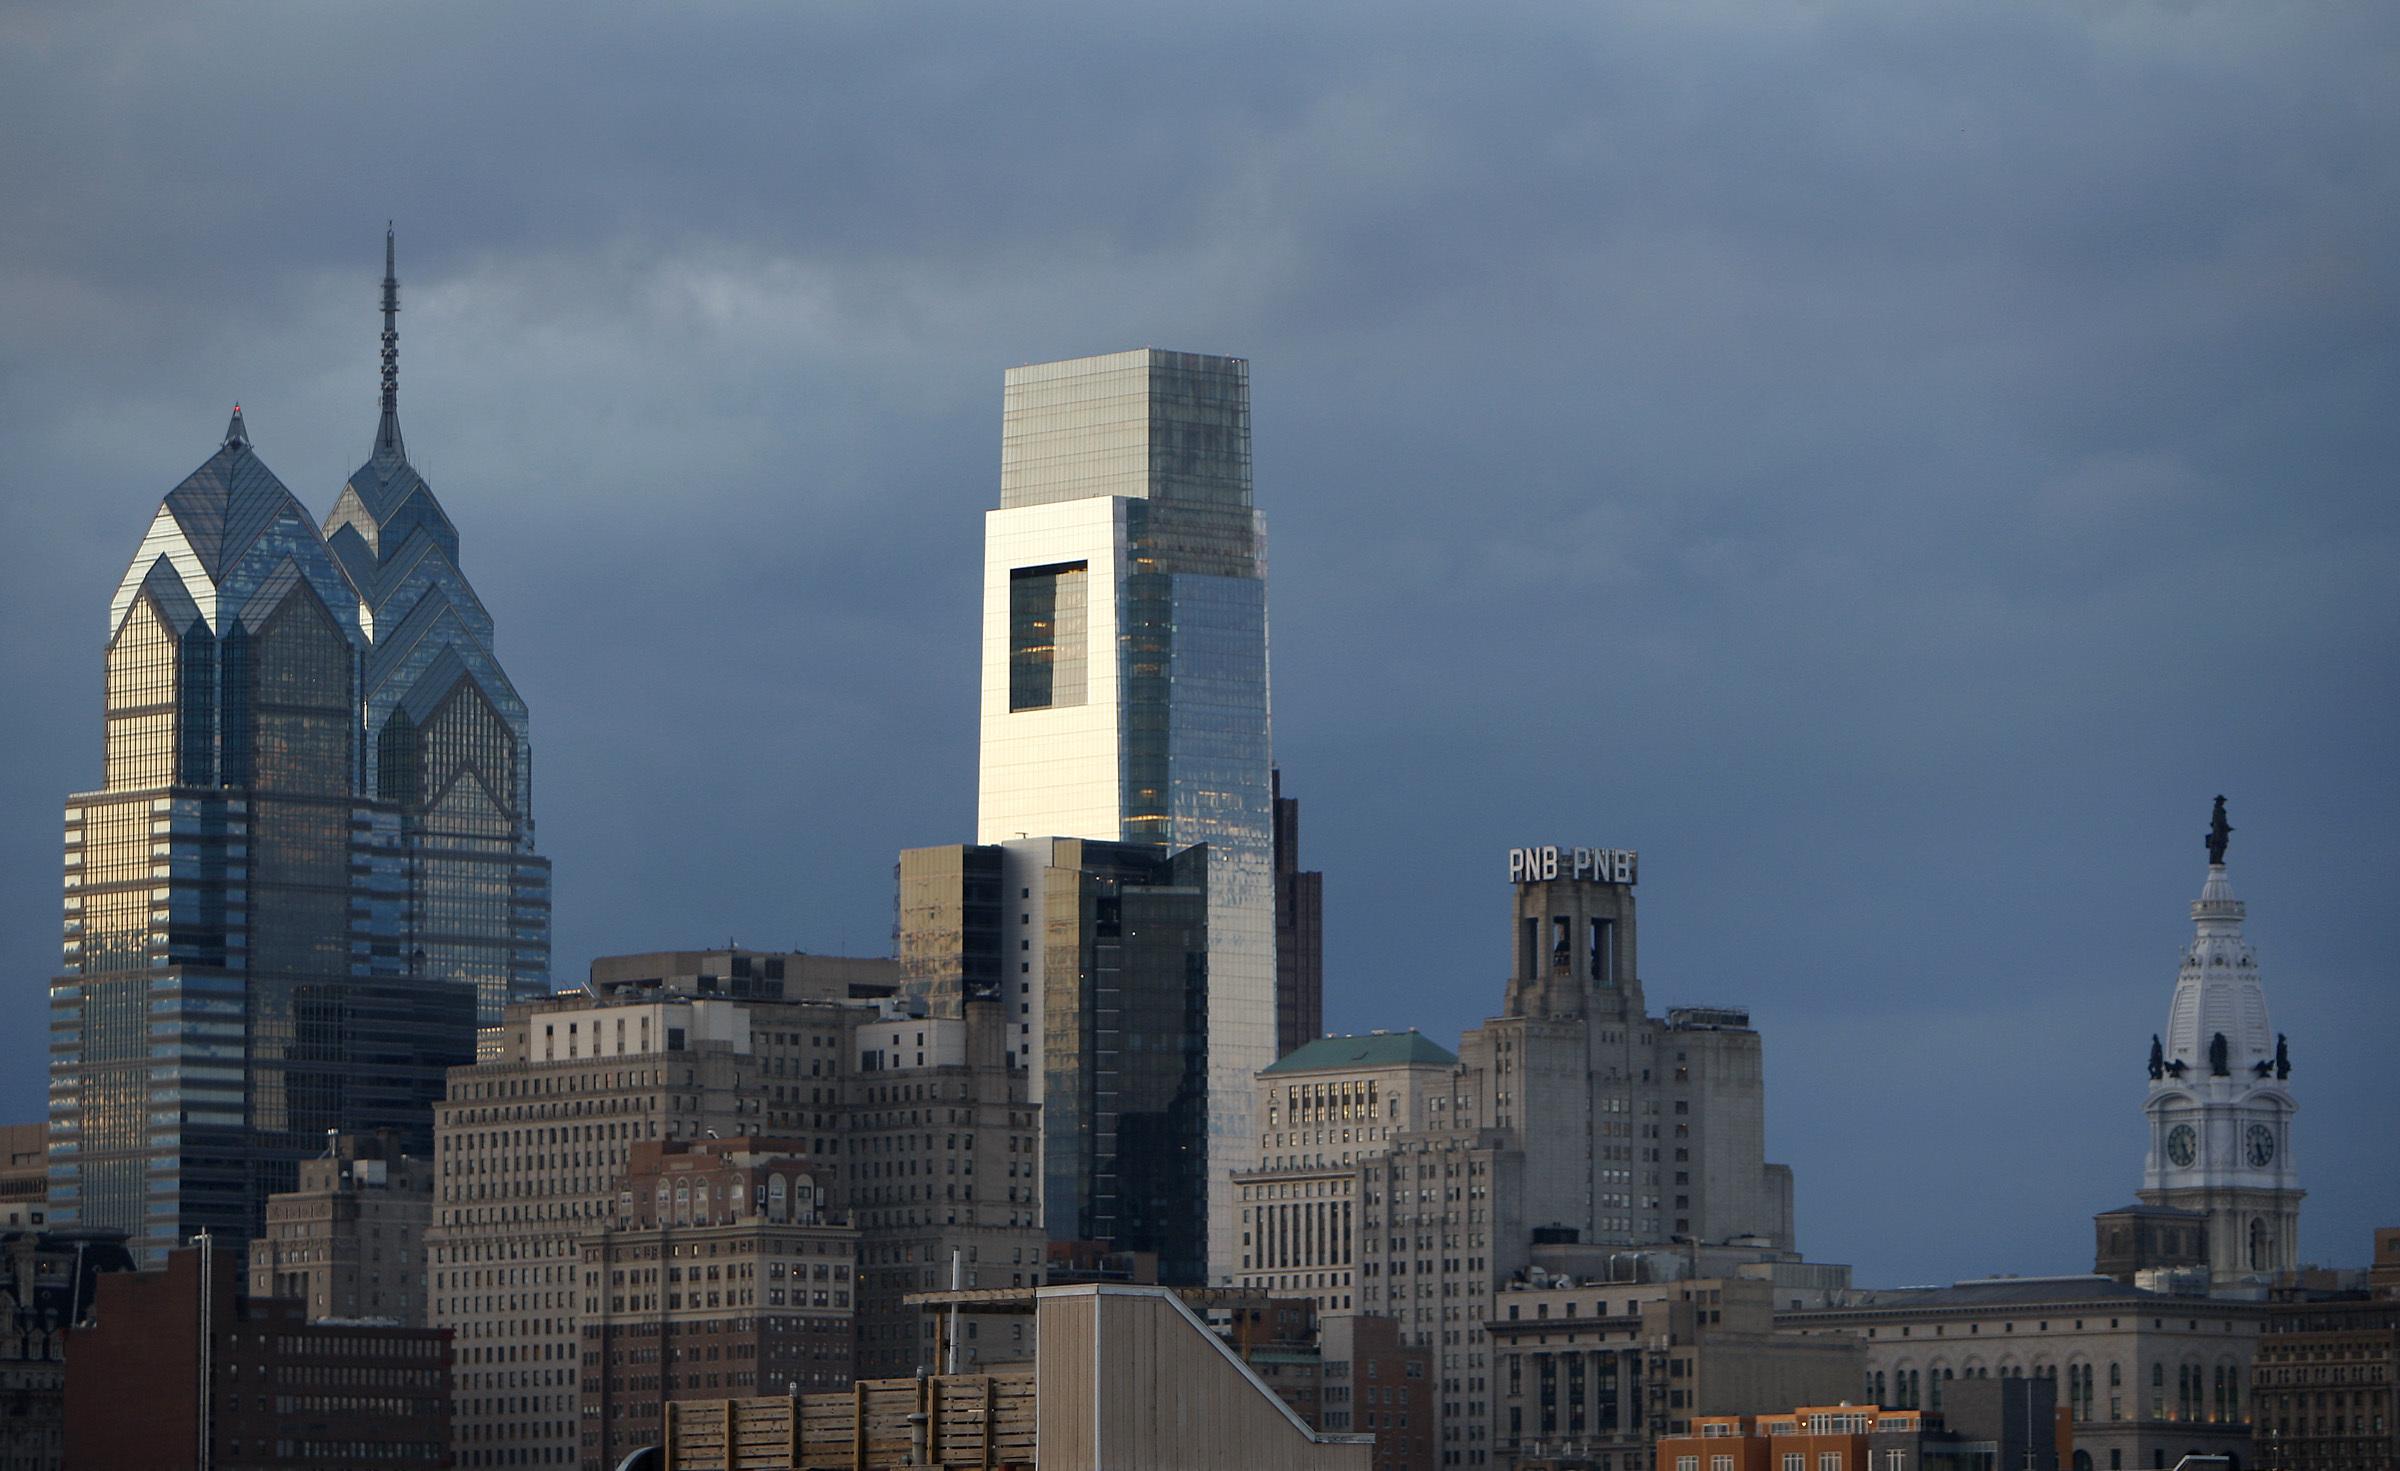 Philadelphia skyline on February 14, 2011 in Philadelphia.